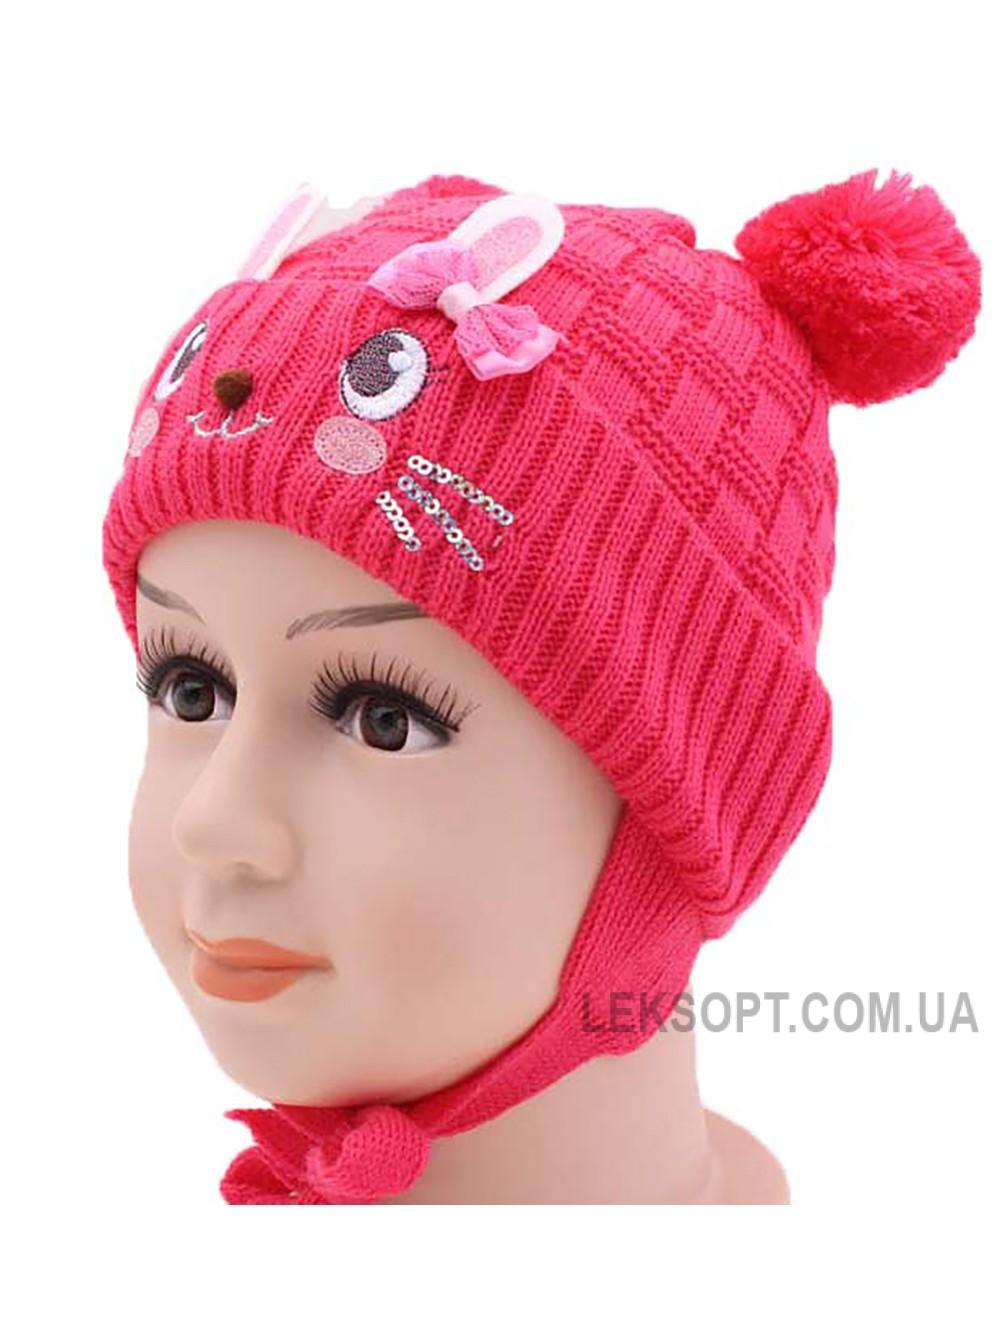 Детская вязаная шапка 116724-44-46